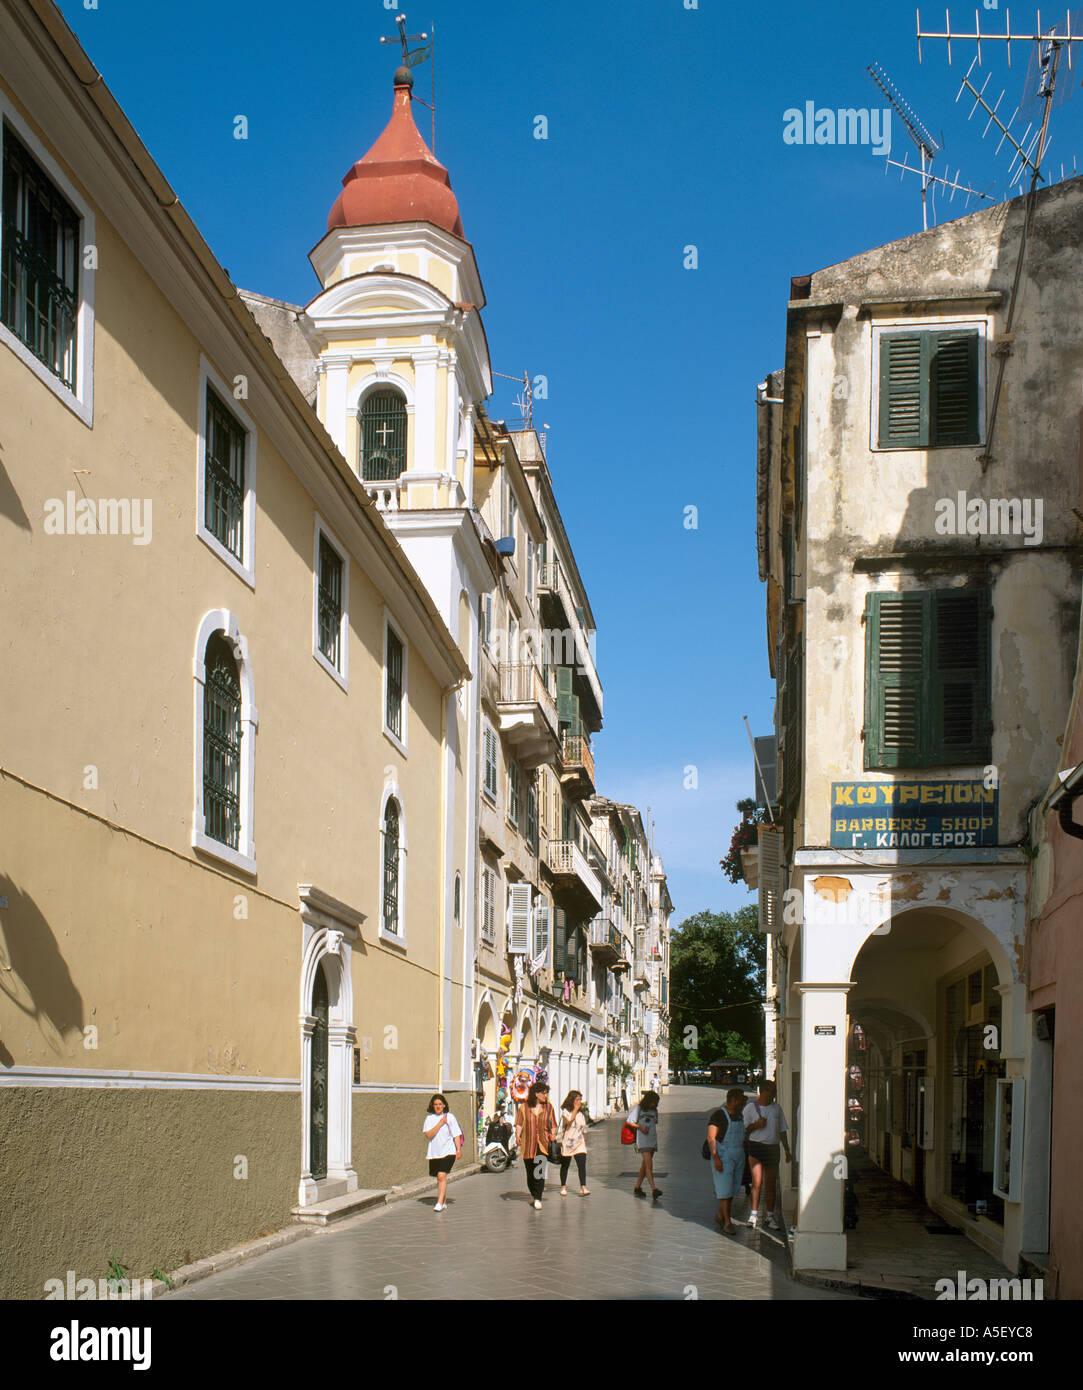 Old Town, Corfu Town, Corfu (Kerkyra), Ionian Islands, Greece - Stock Image